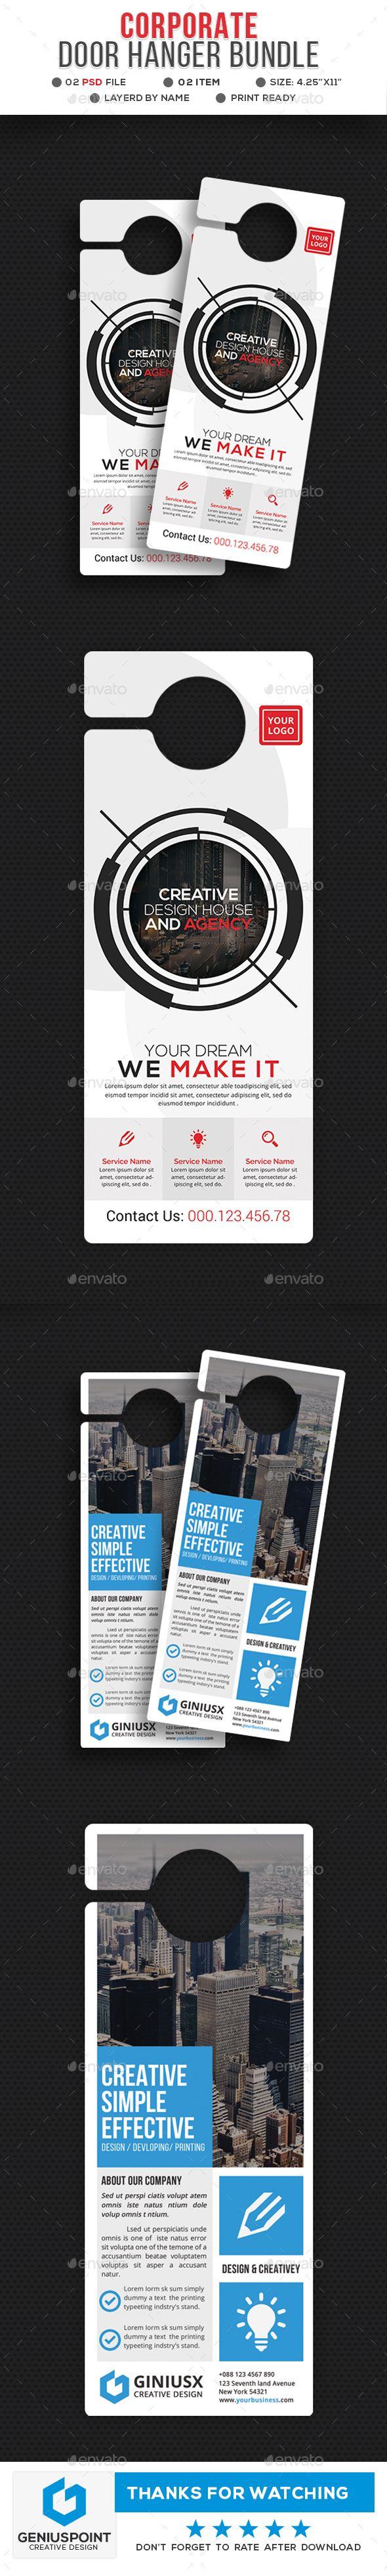 pin by best graphic design on door hanger templates pinterest